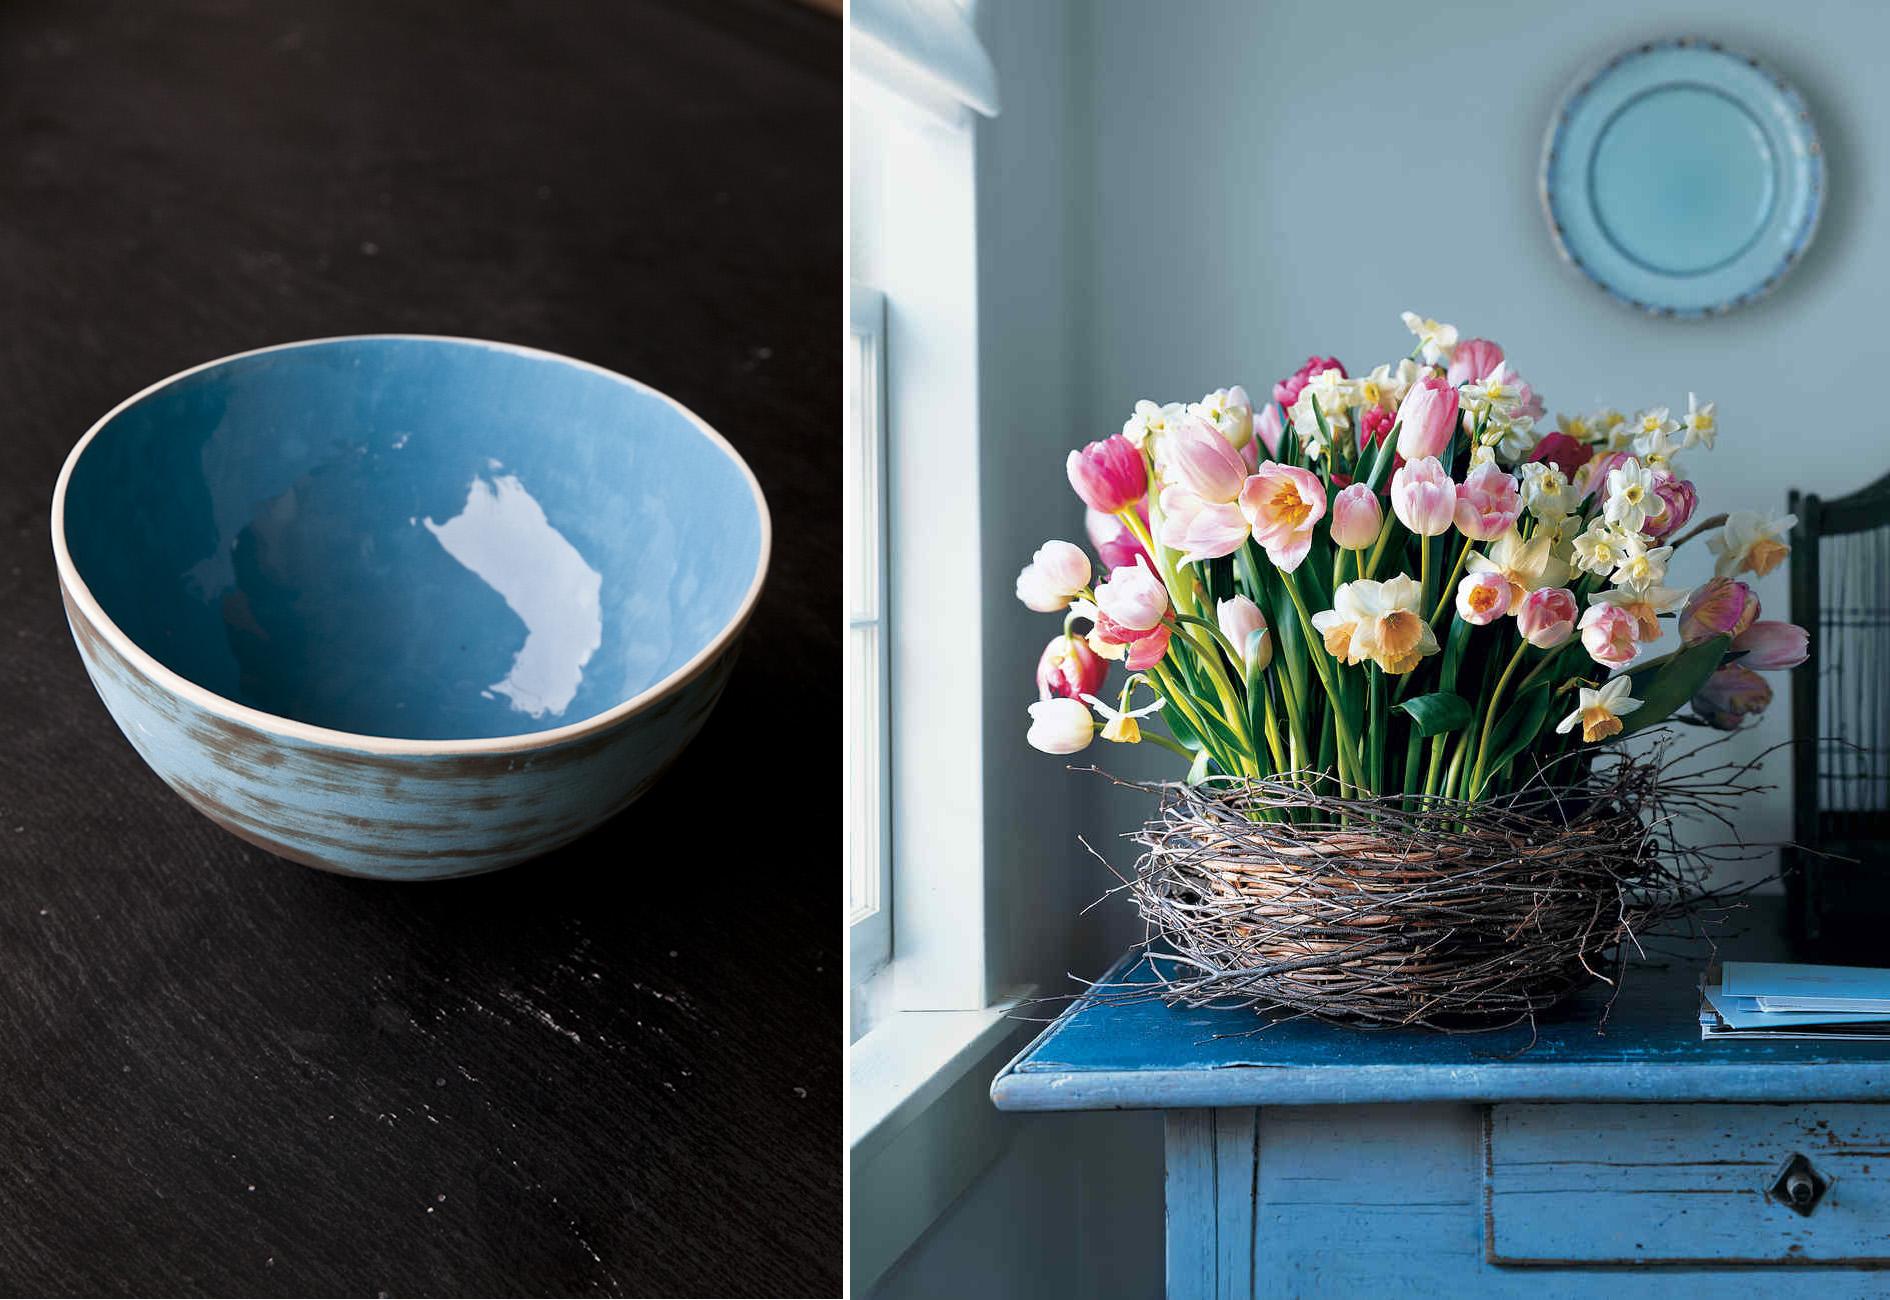 Come decorare le uova con i colori naturali per il nostro centrotavola home-made